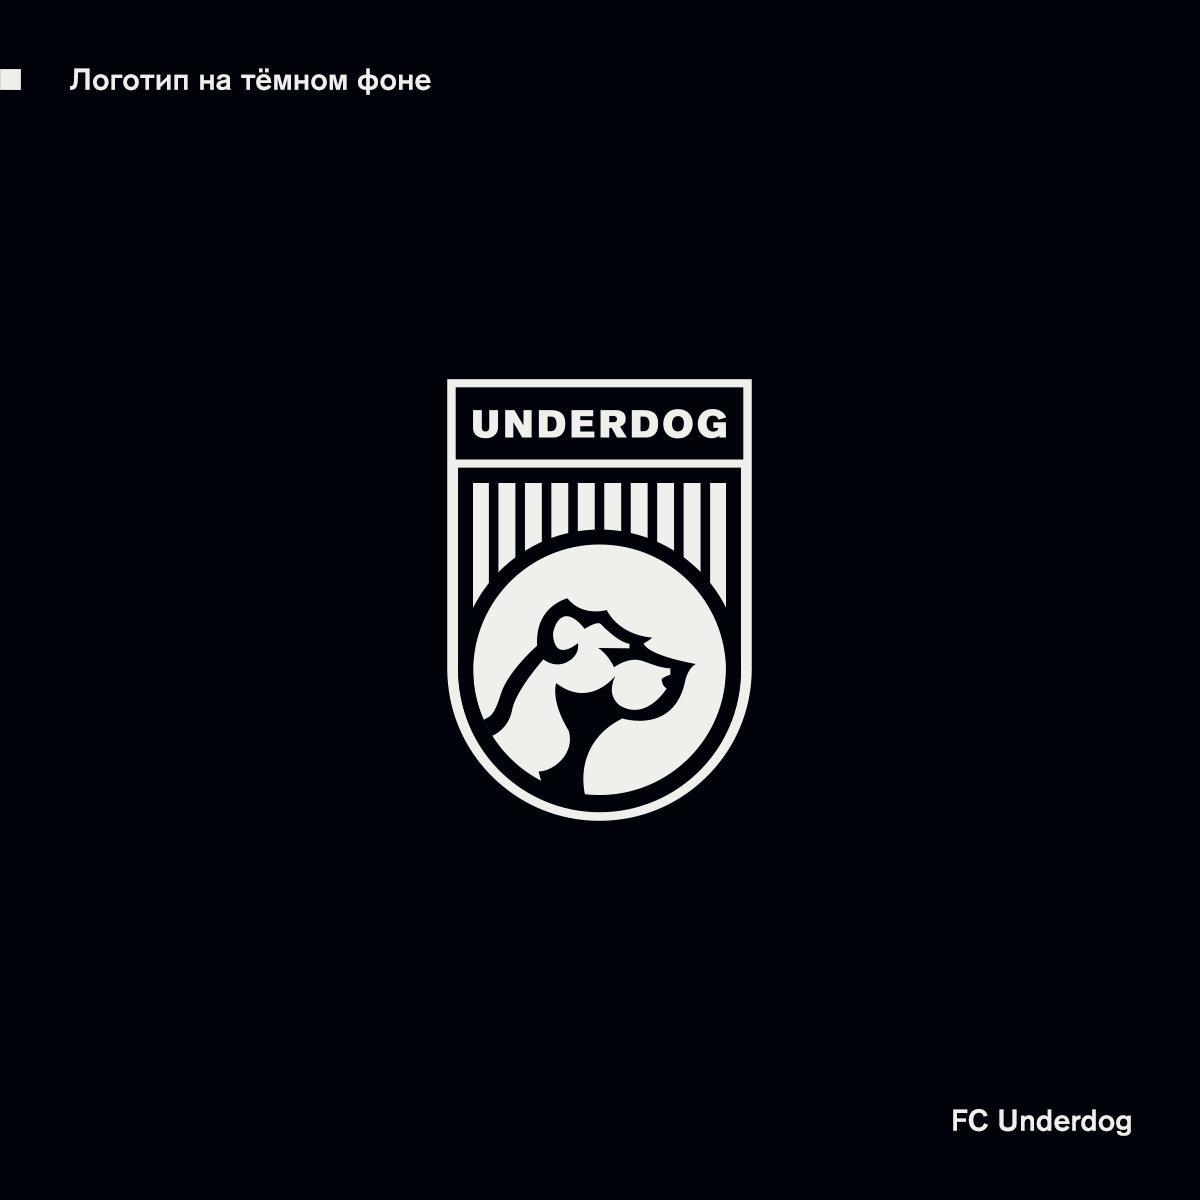 Футбольный клуб UNDERDOG - разработать фирстиль и бренд-бук фото f_2085cb31fb01eafe.png